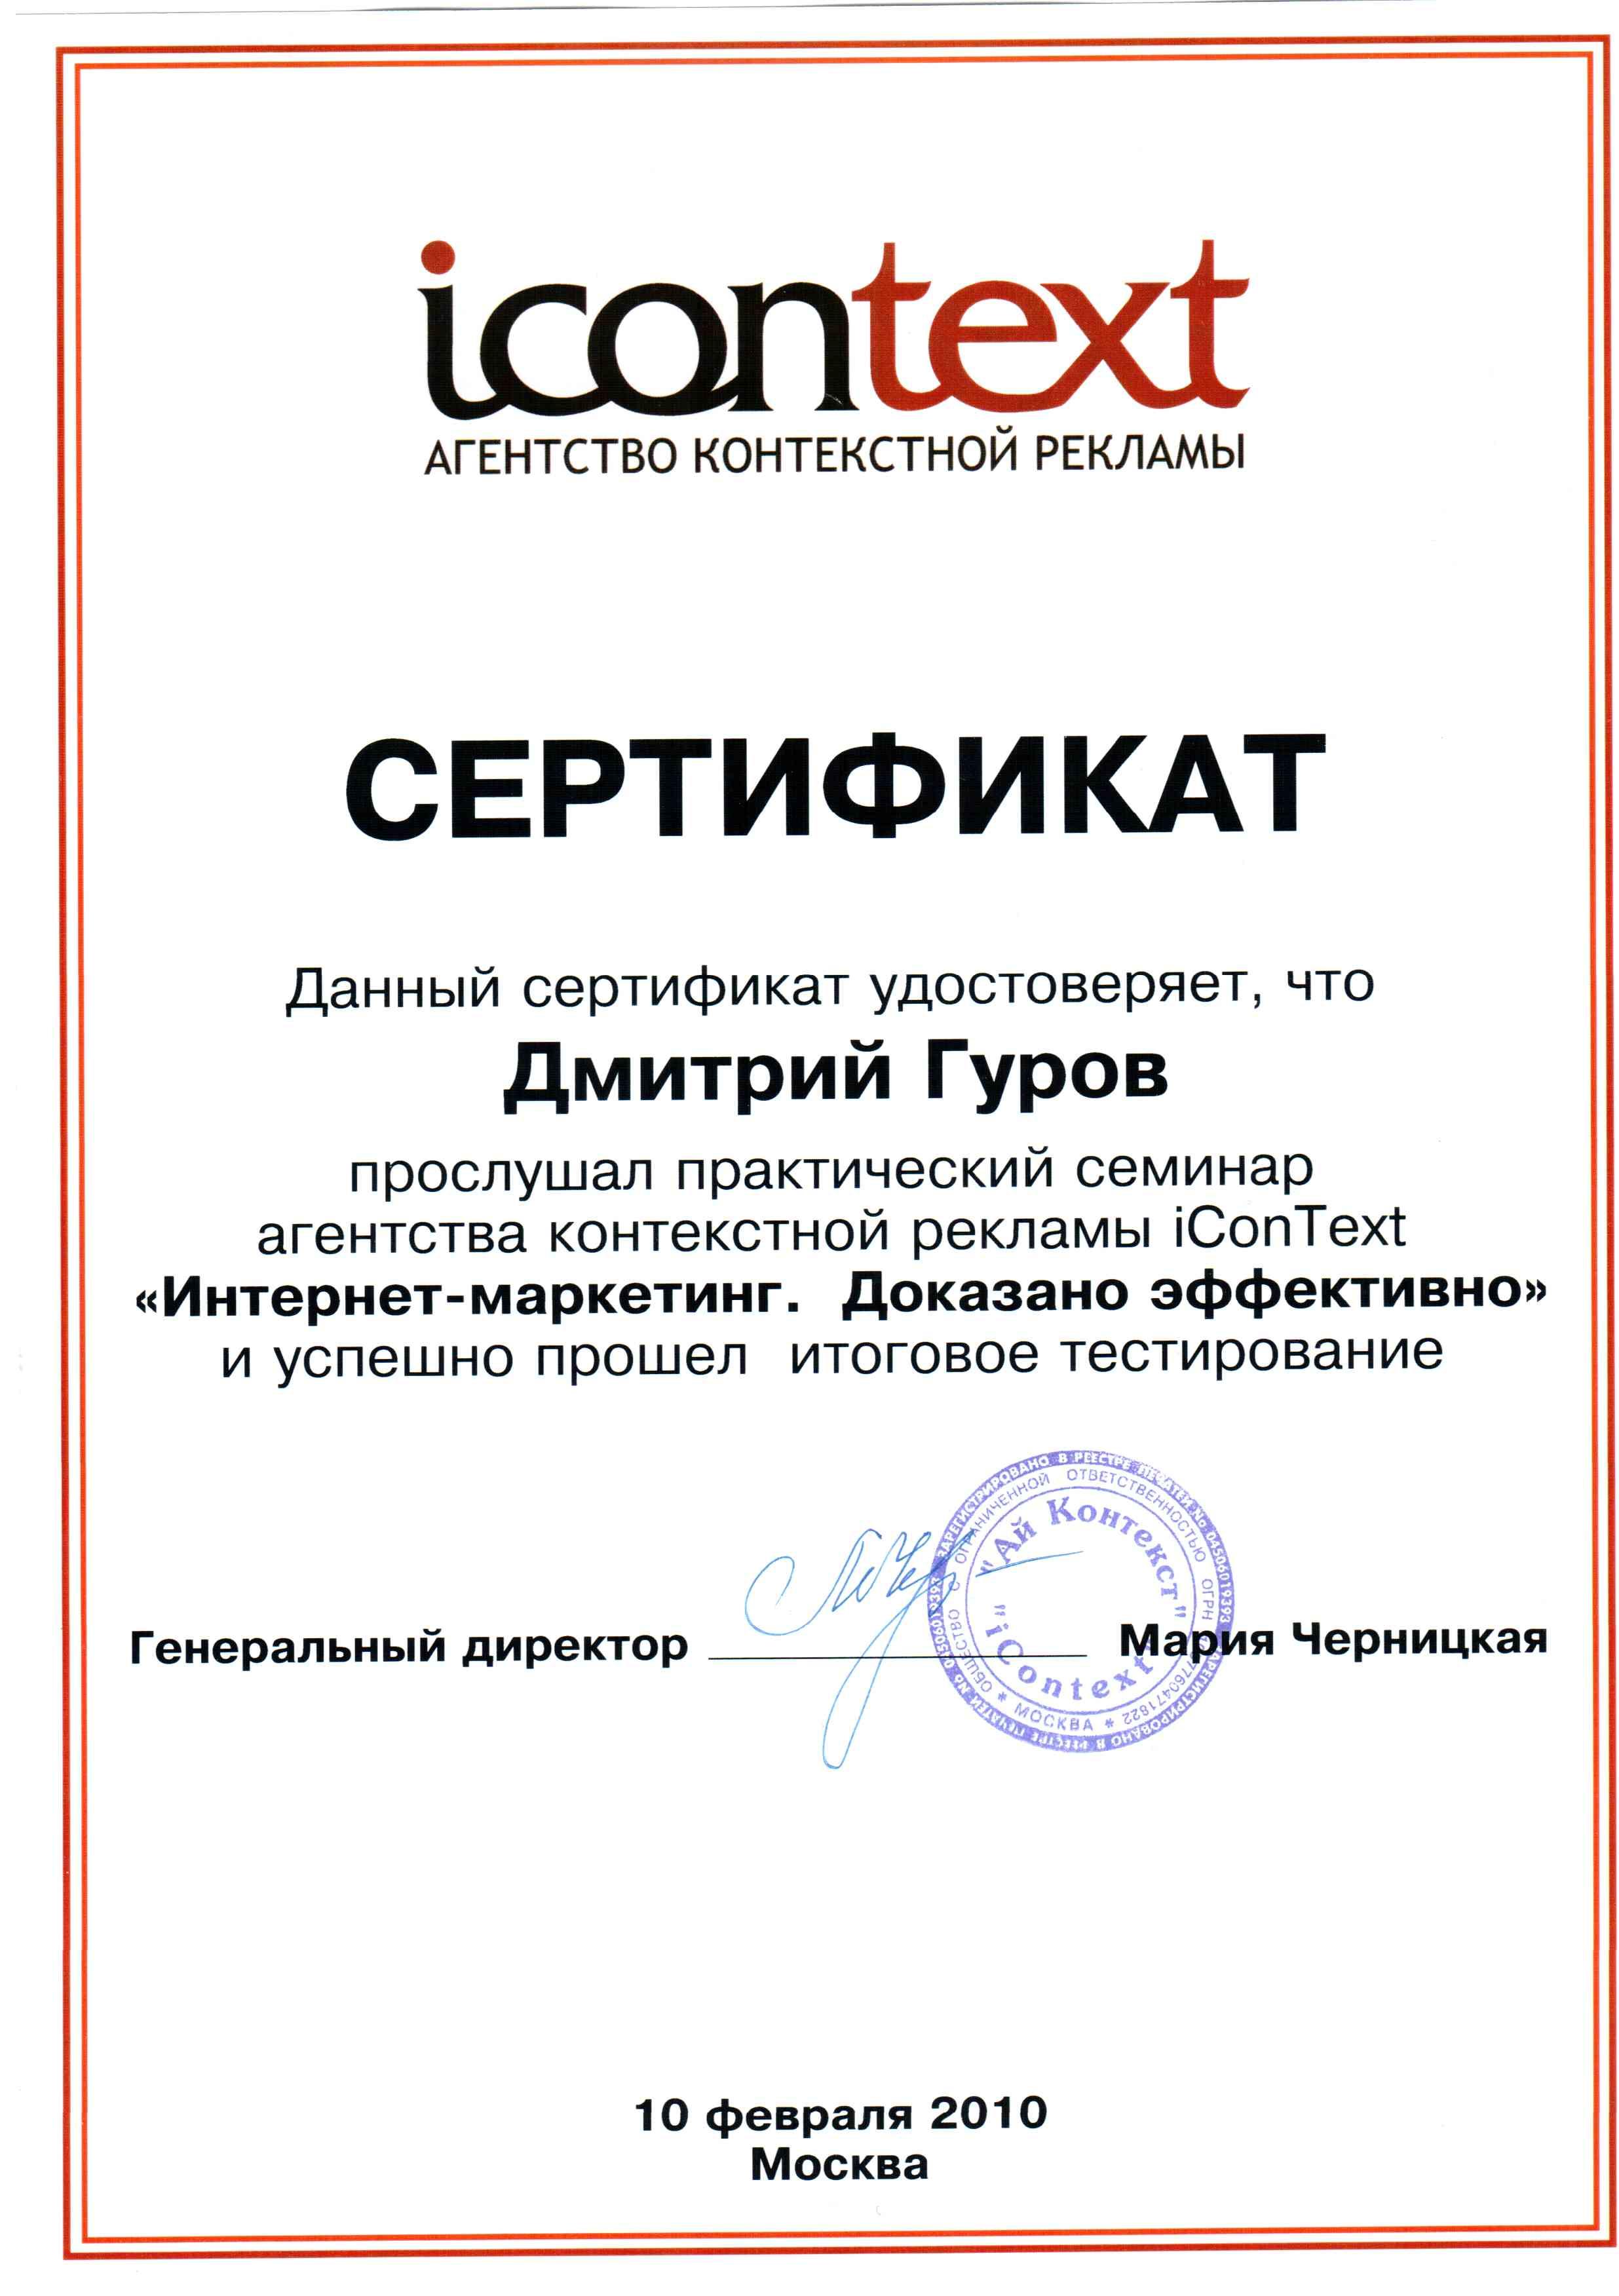 Профессиональная сертификация